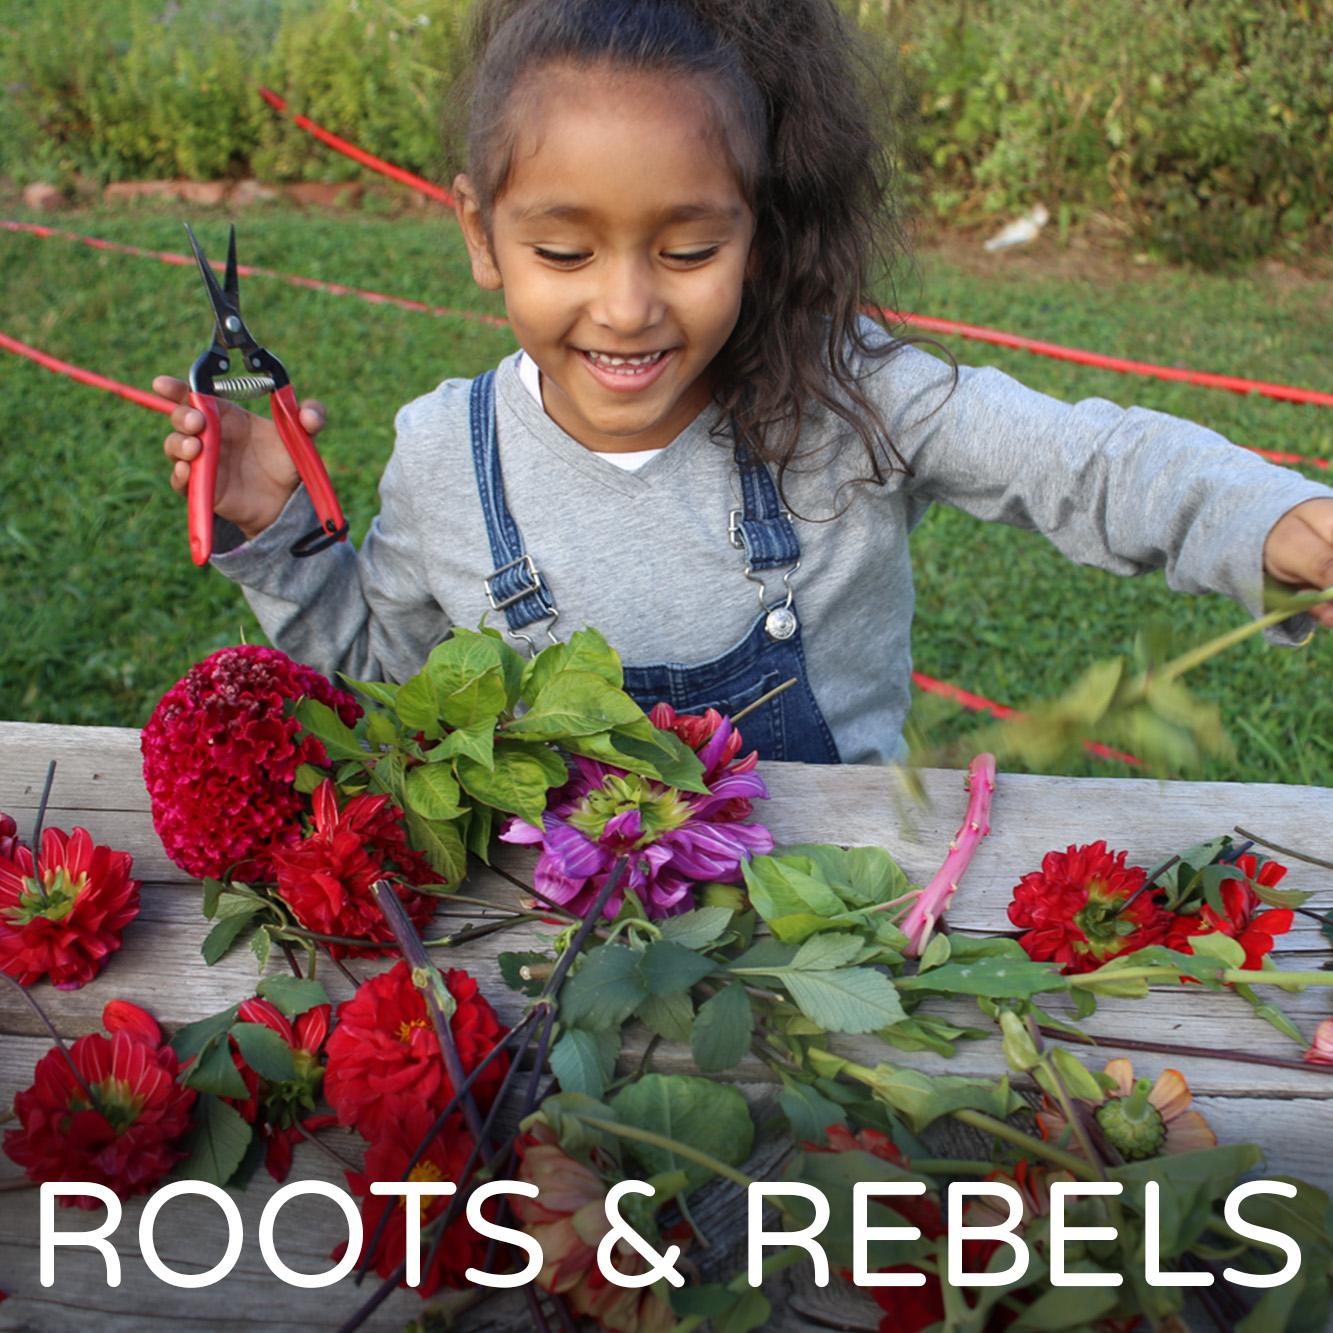 RootsRebels.jpg